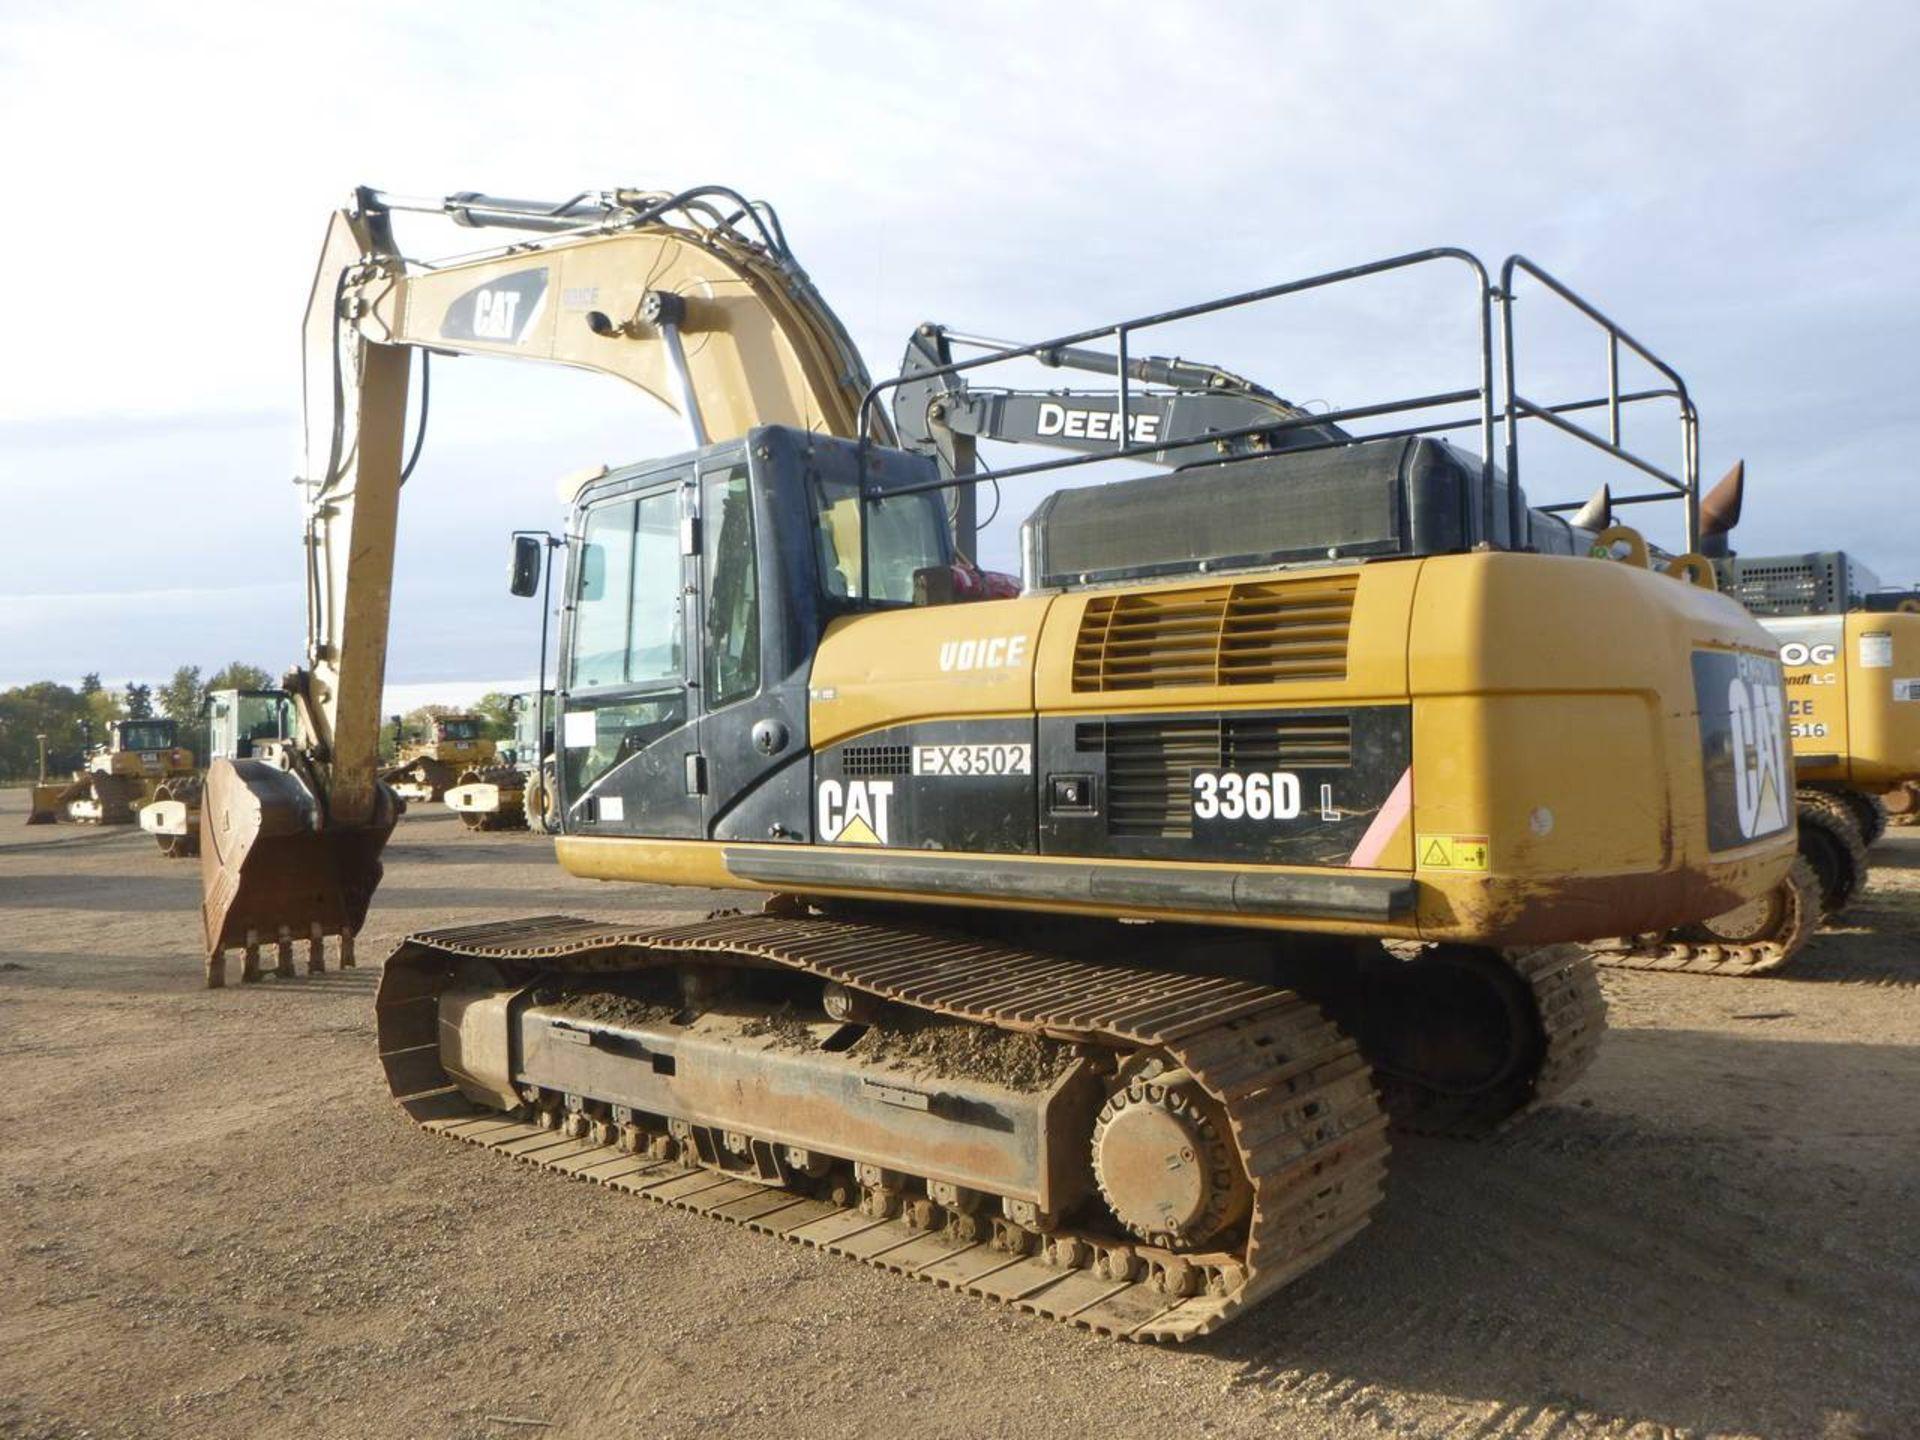 2010 Caterpillar 336D L Excavator - Image 6 of 13